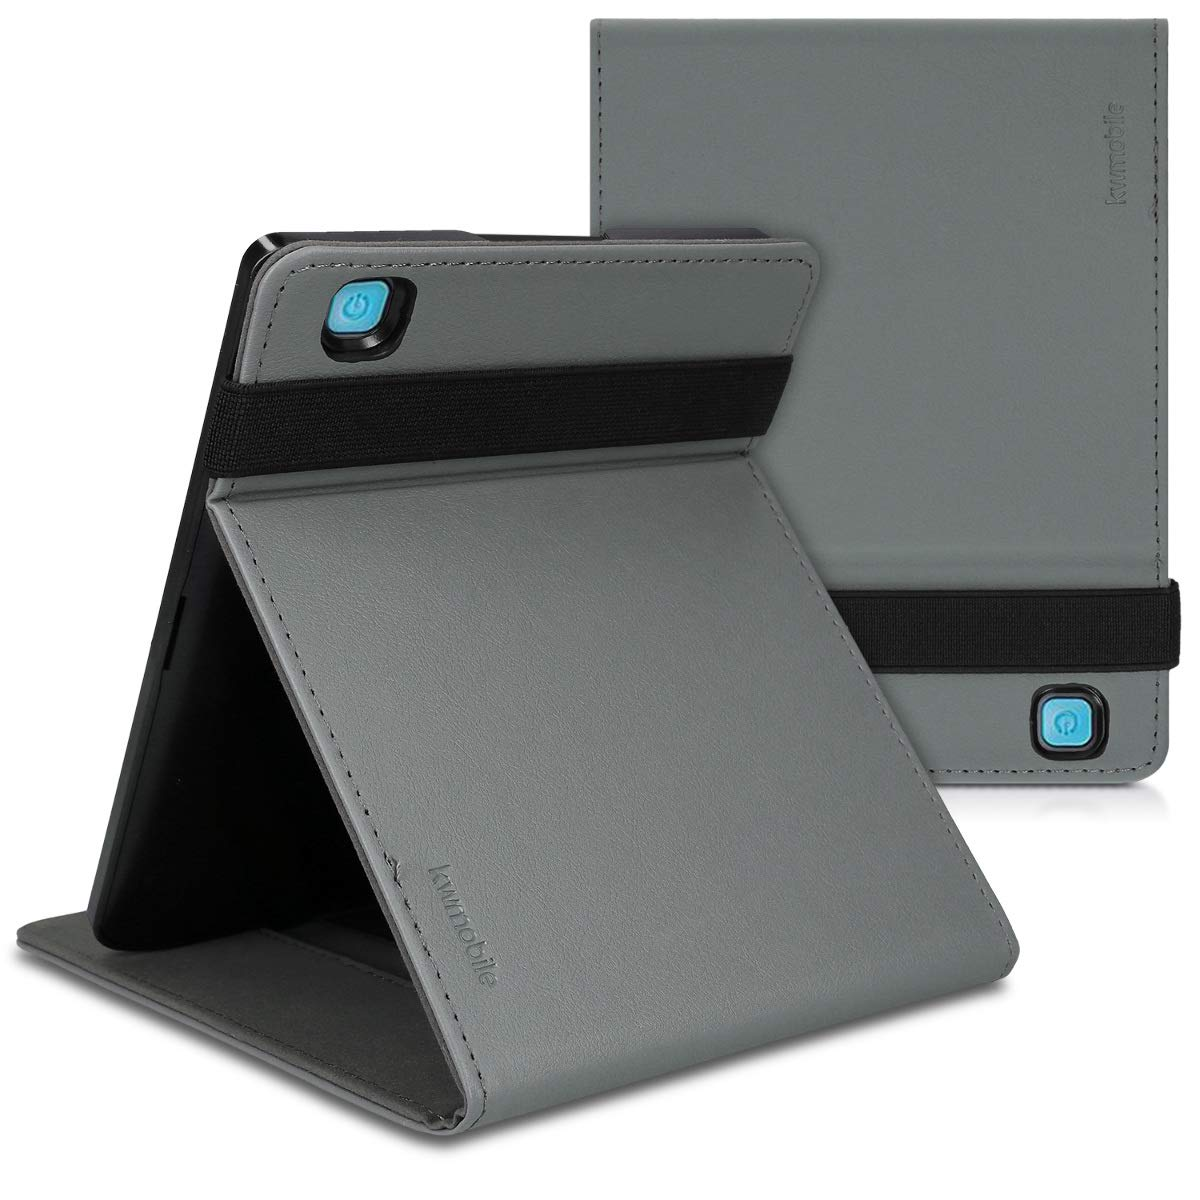 kwmobile Funda Compatible con Kobo Aura Edition 2 Case Textil Carcasa de Tela para e-Reader